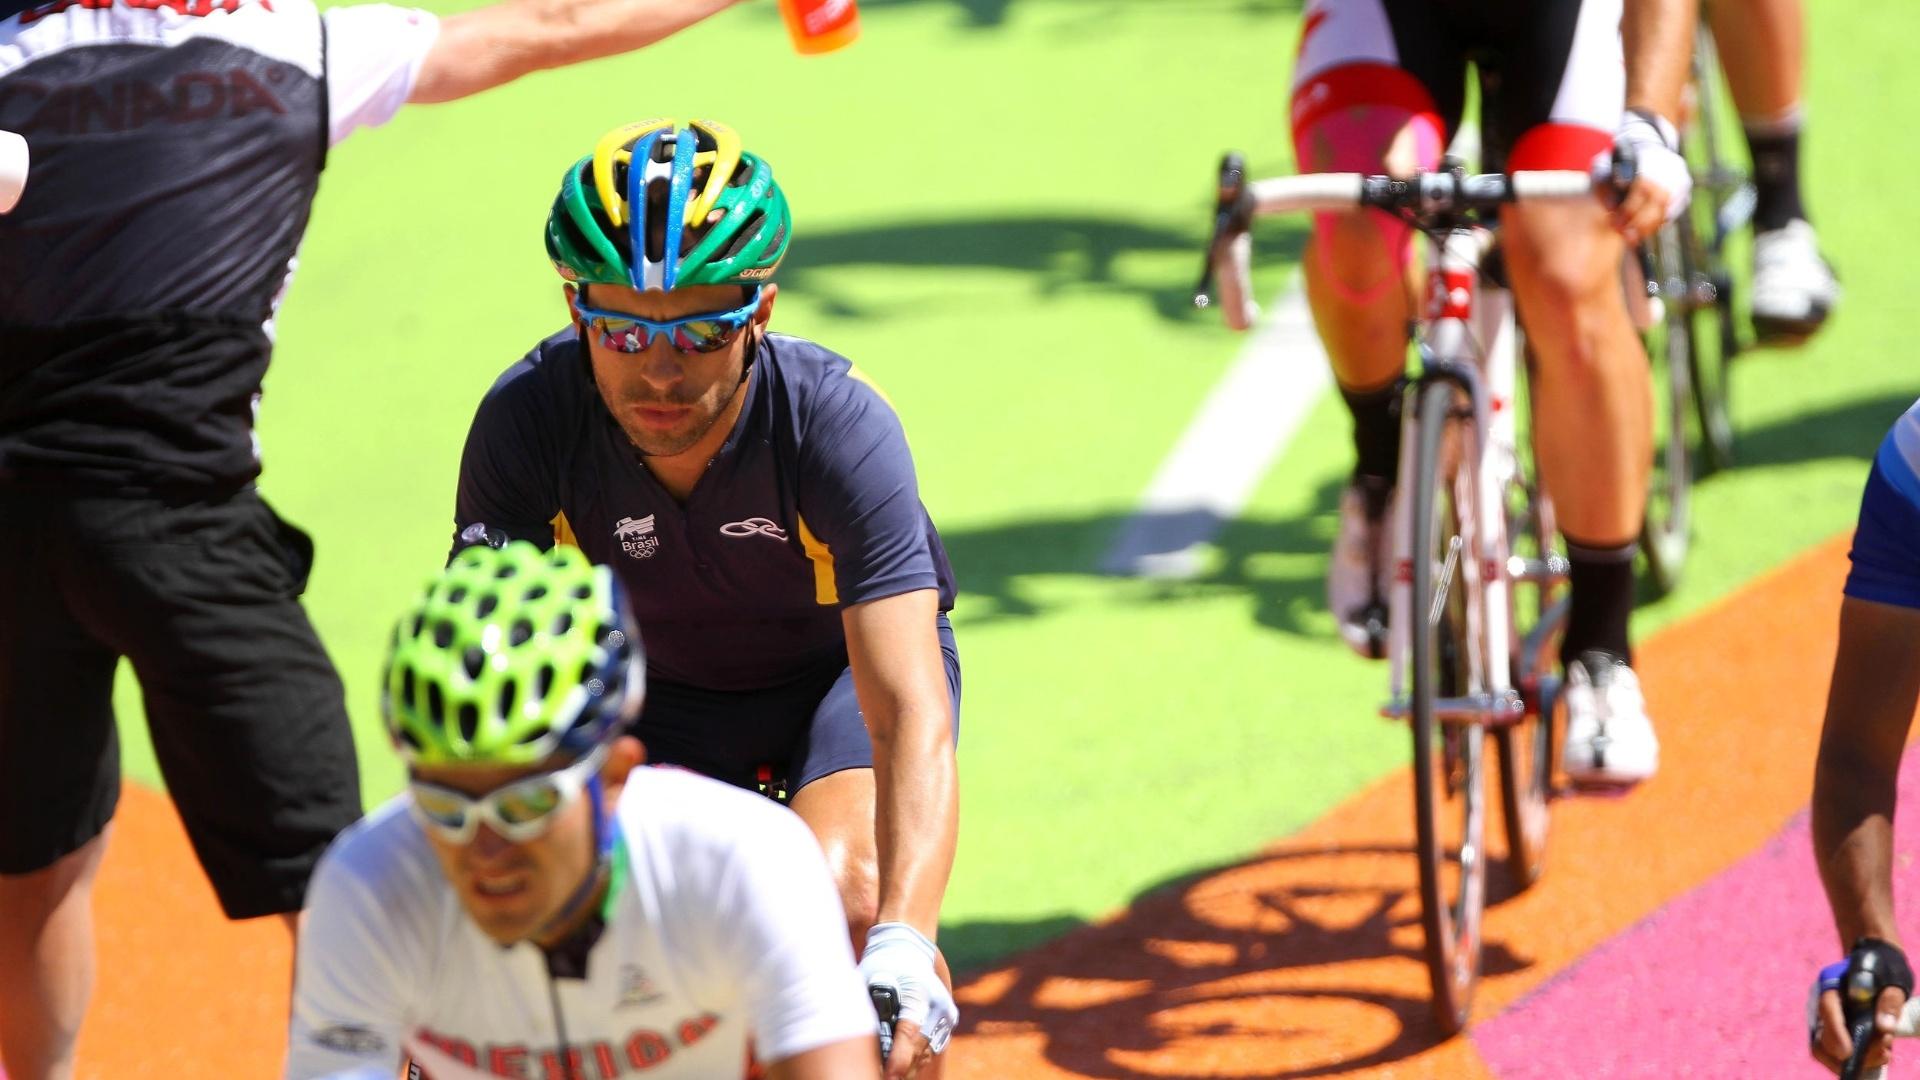 Murilo Fischer disputou o ciclismo de estrada, mas não conseguiu terminar a prova (22/10/2011)